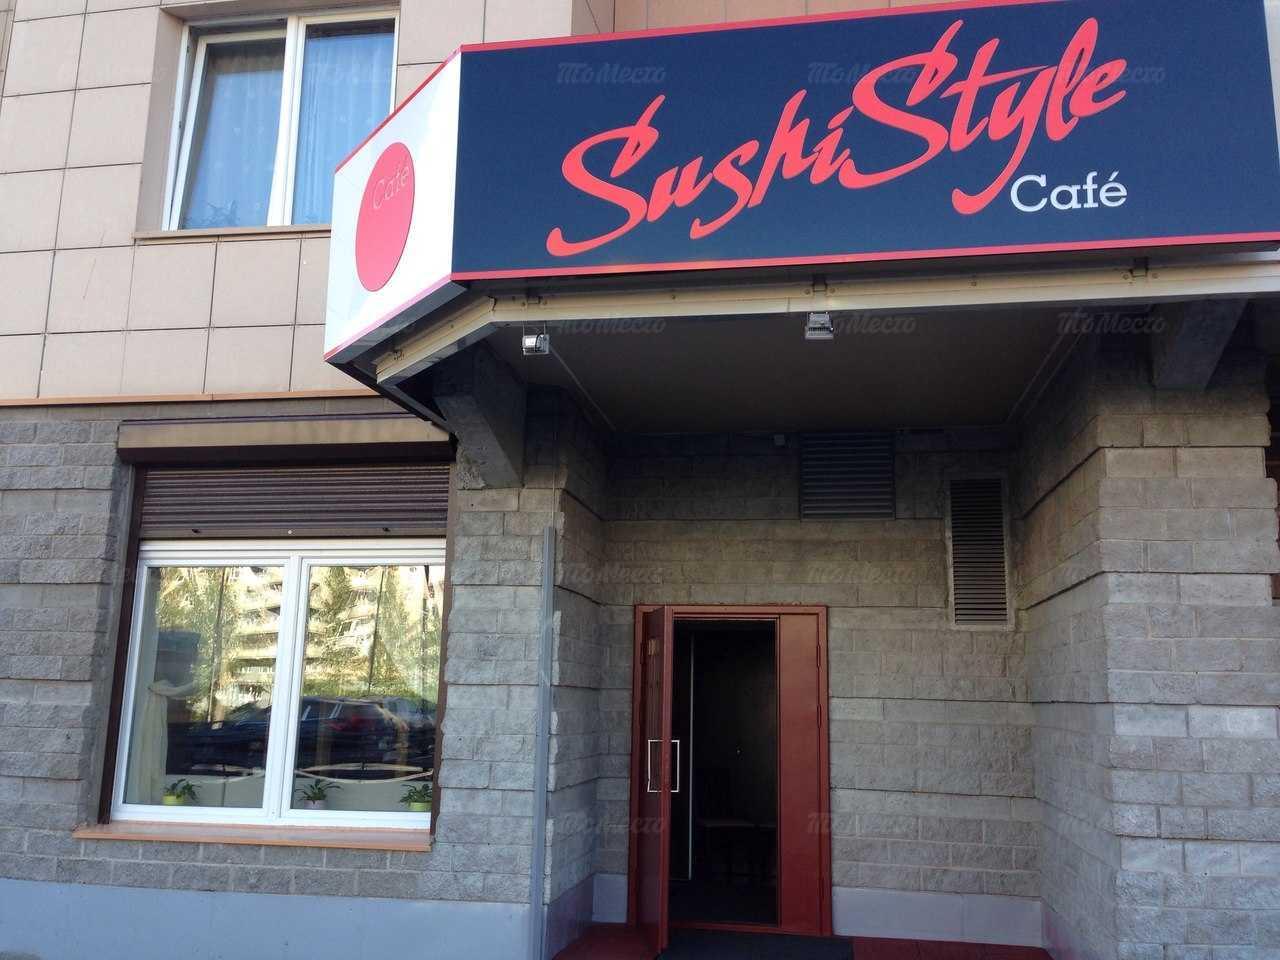 Меню кафе Sushi Style Cafe (Суши Стайл Кафе) на Яхтенной улице